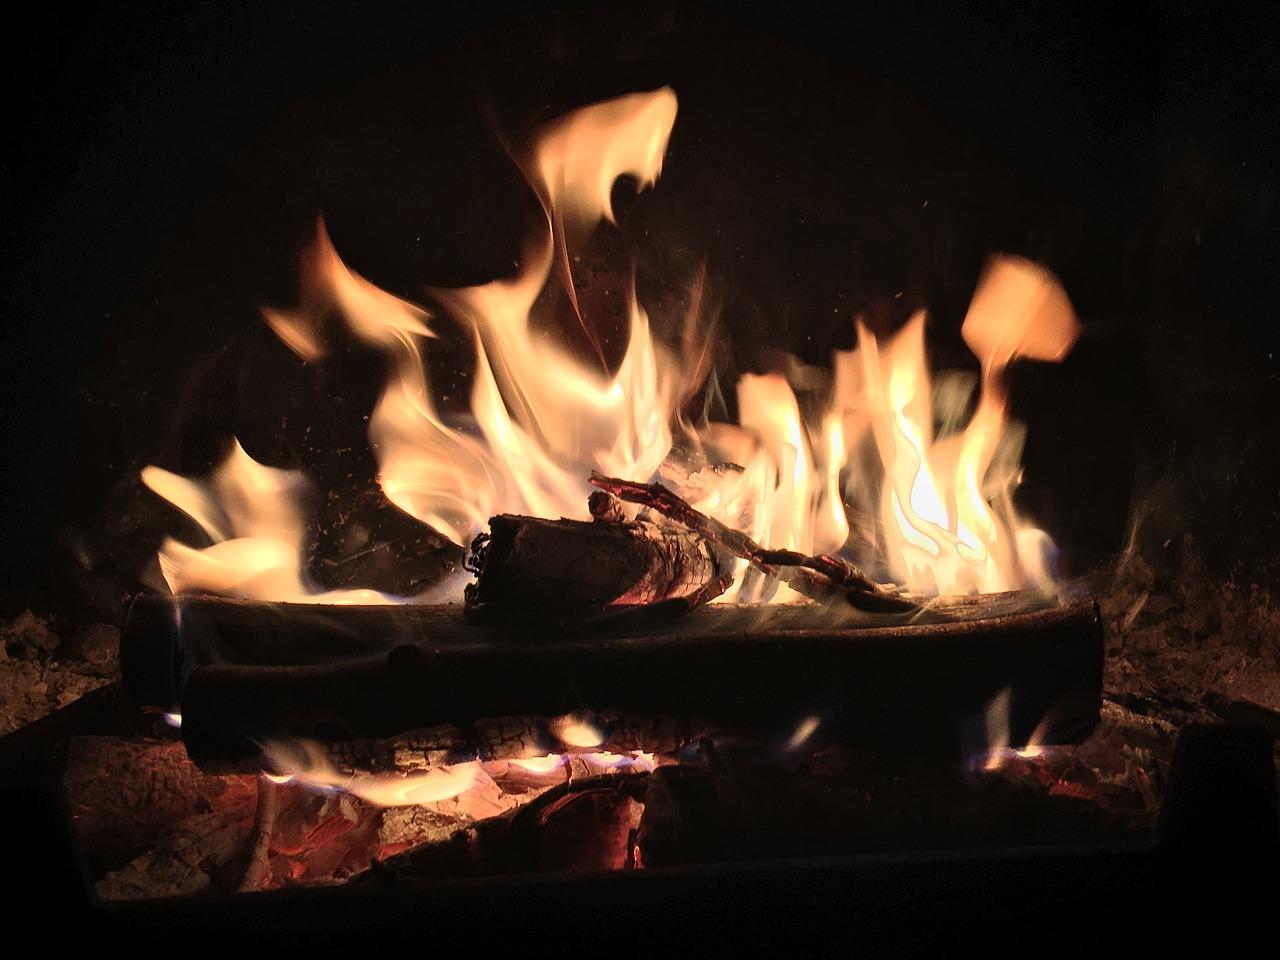 En jetant de l'alcool à brûler dans le foyer, le jeune homme a provoqué un retour de flamme qui a enflammé ses vêtemets  - Illustration © Pixabay